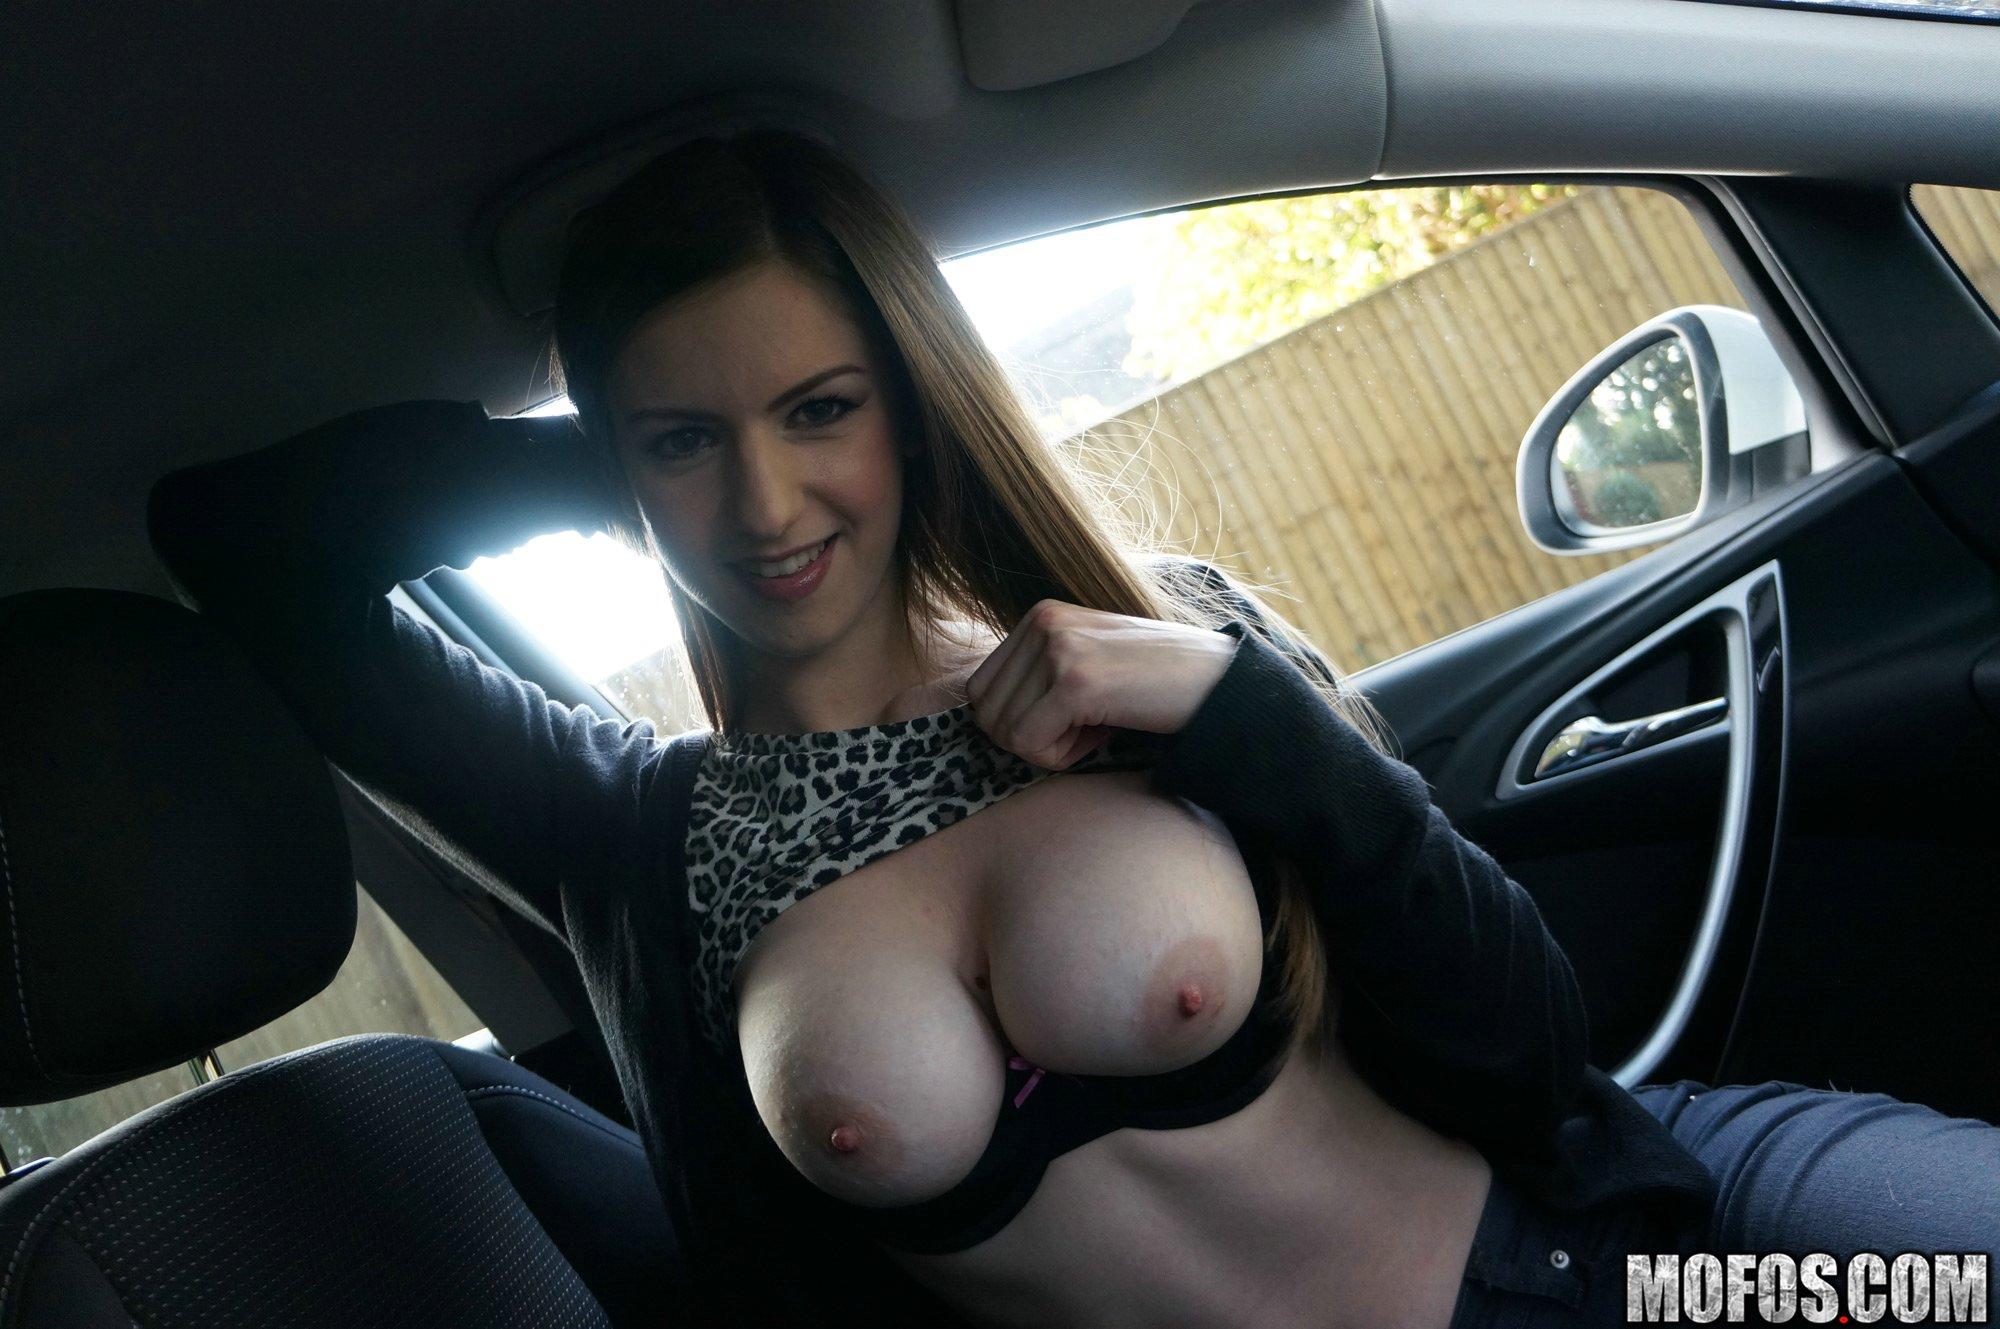 Русское порно подвез на машине пьяную 6 фотография